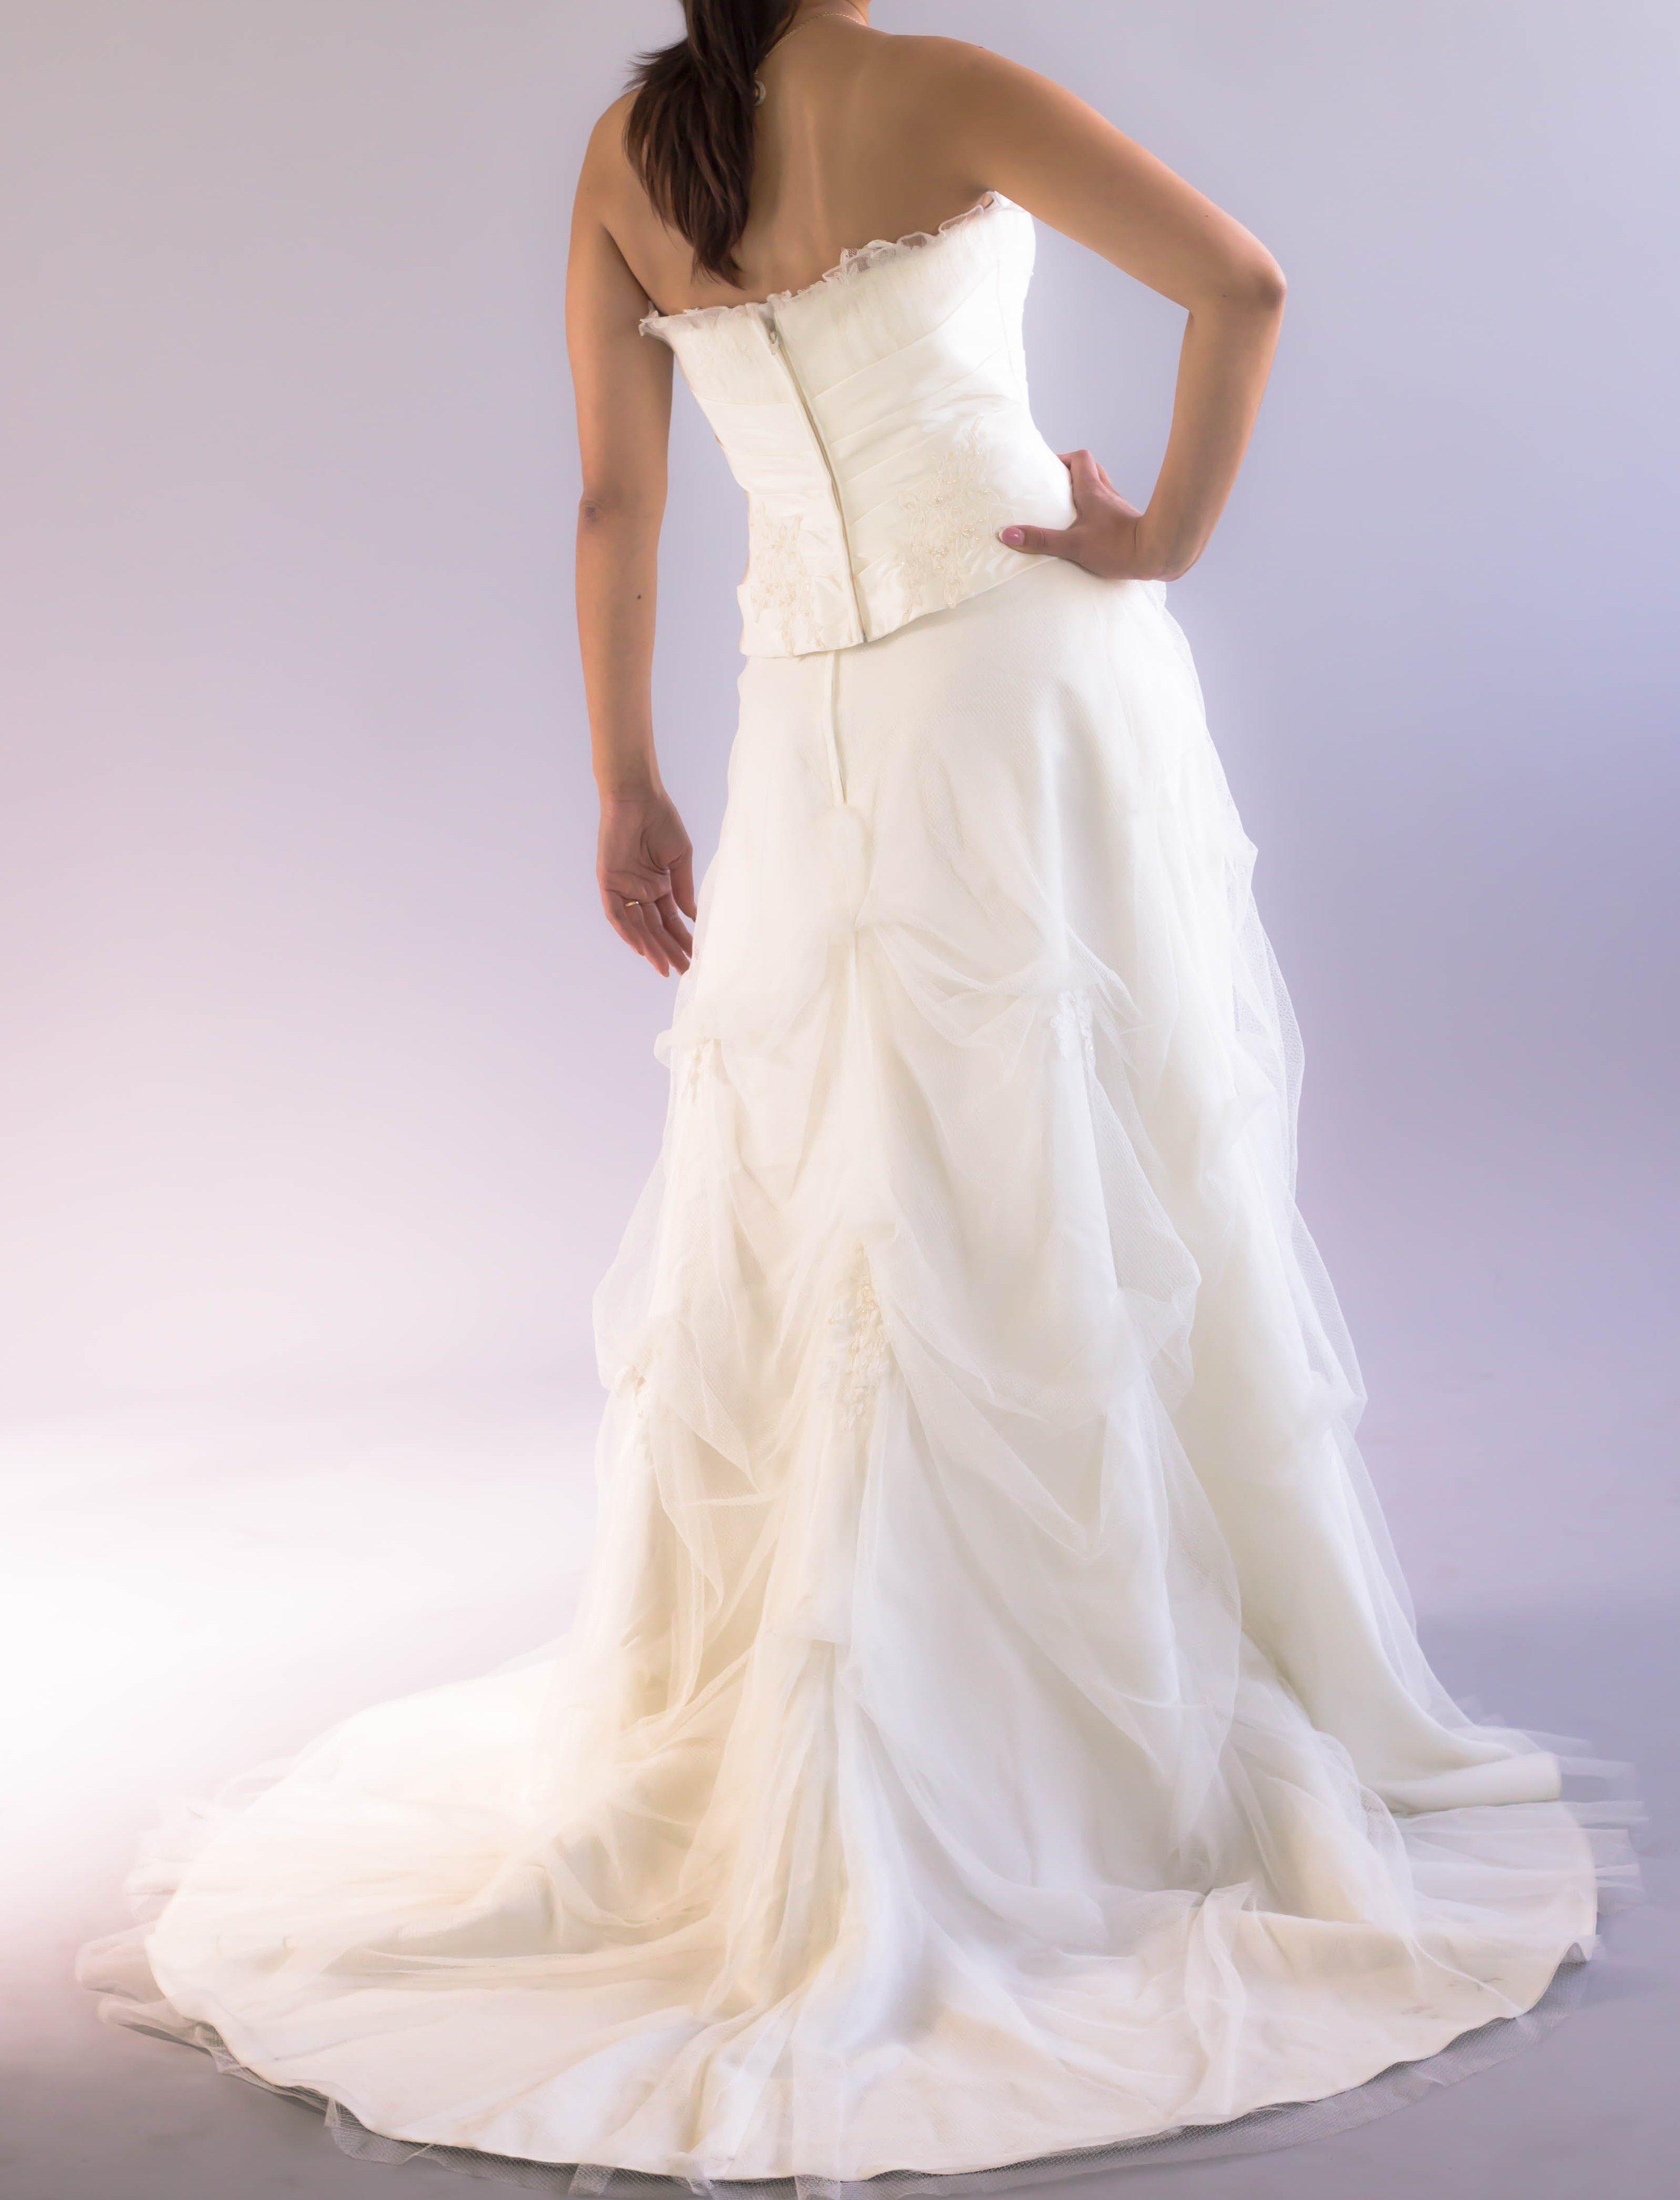 Lace french designer ivory wedding dress size fr new bridal